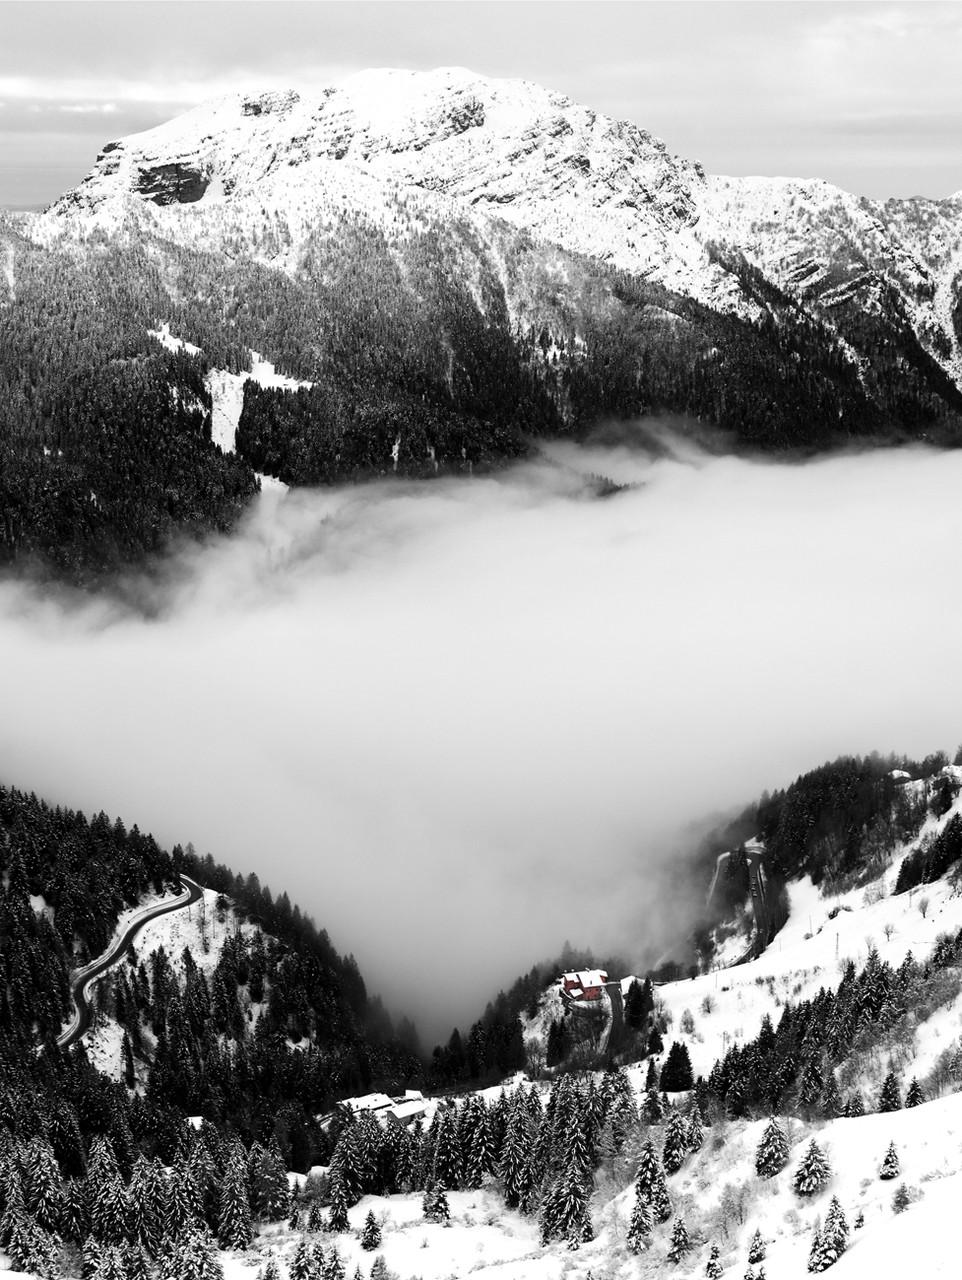 Panoramica eseguita unendo due fotografie una sopra l'altra (una foto per la montagna e una foto per la valle)